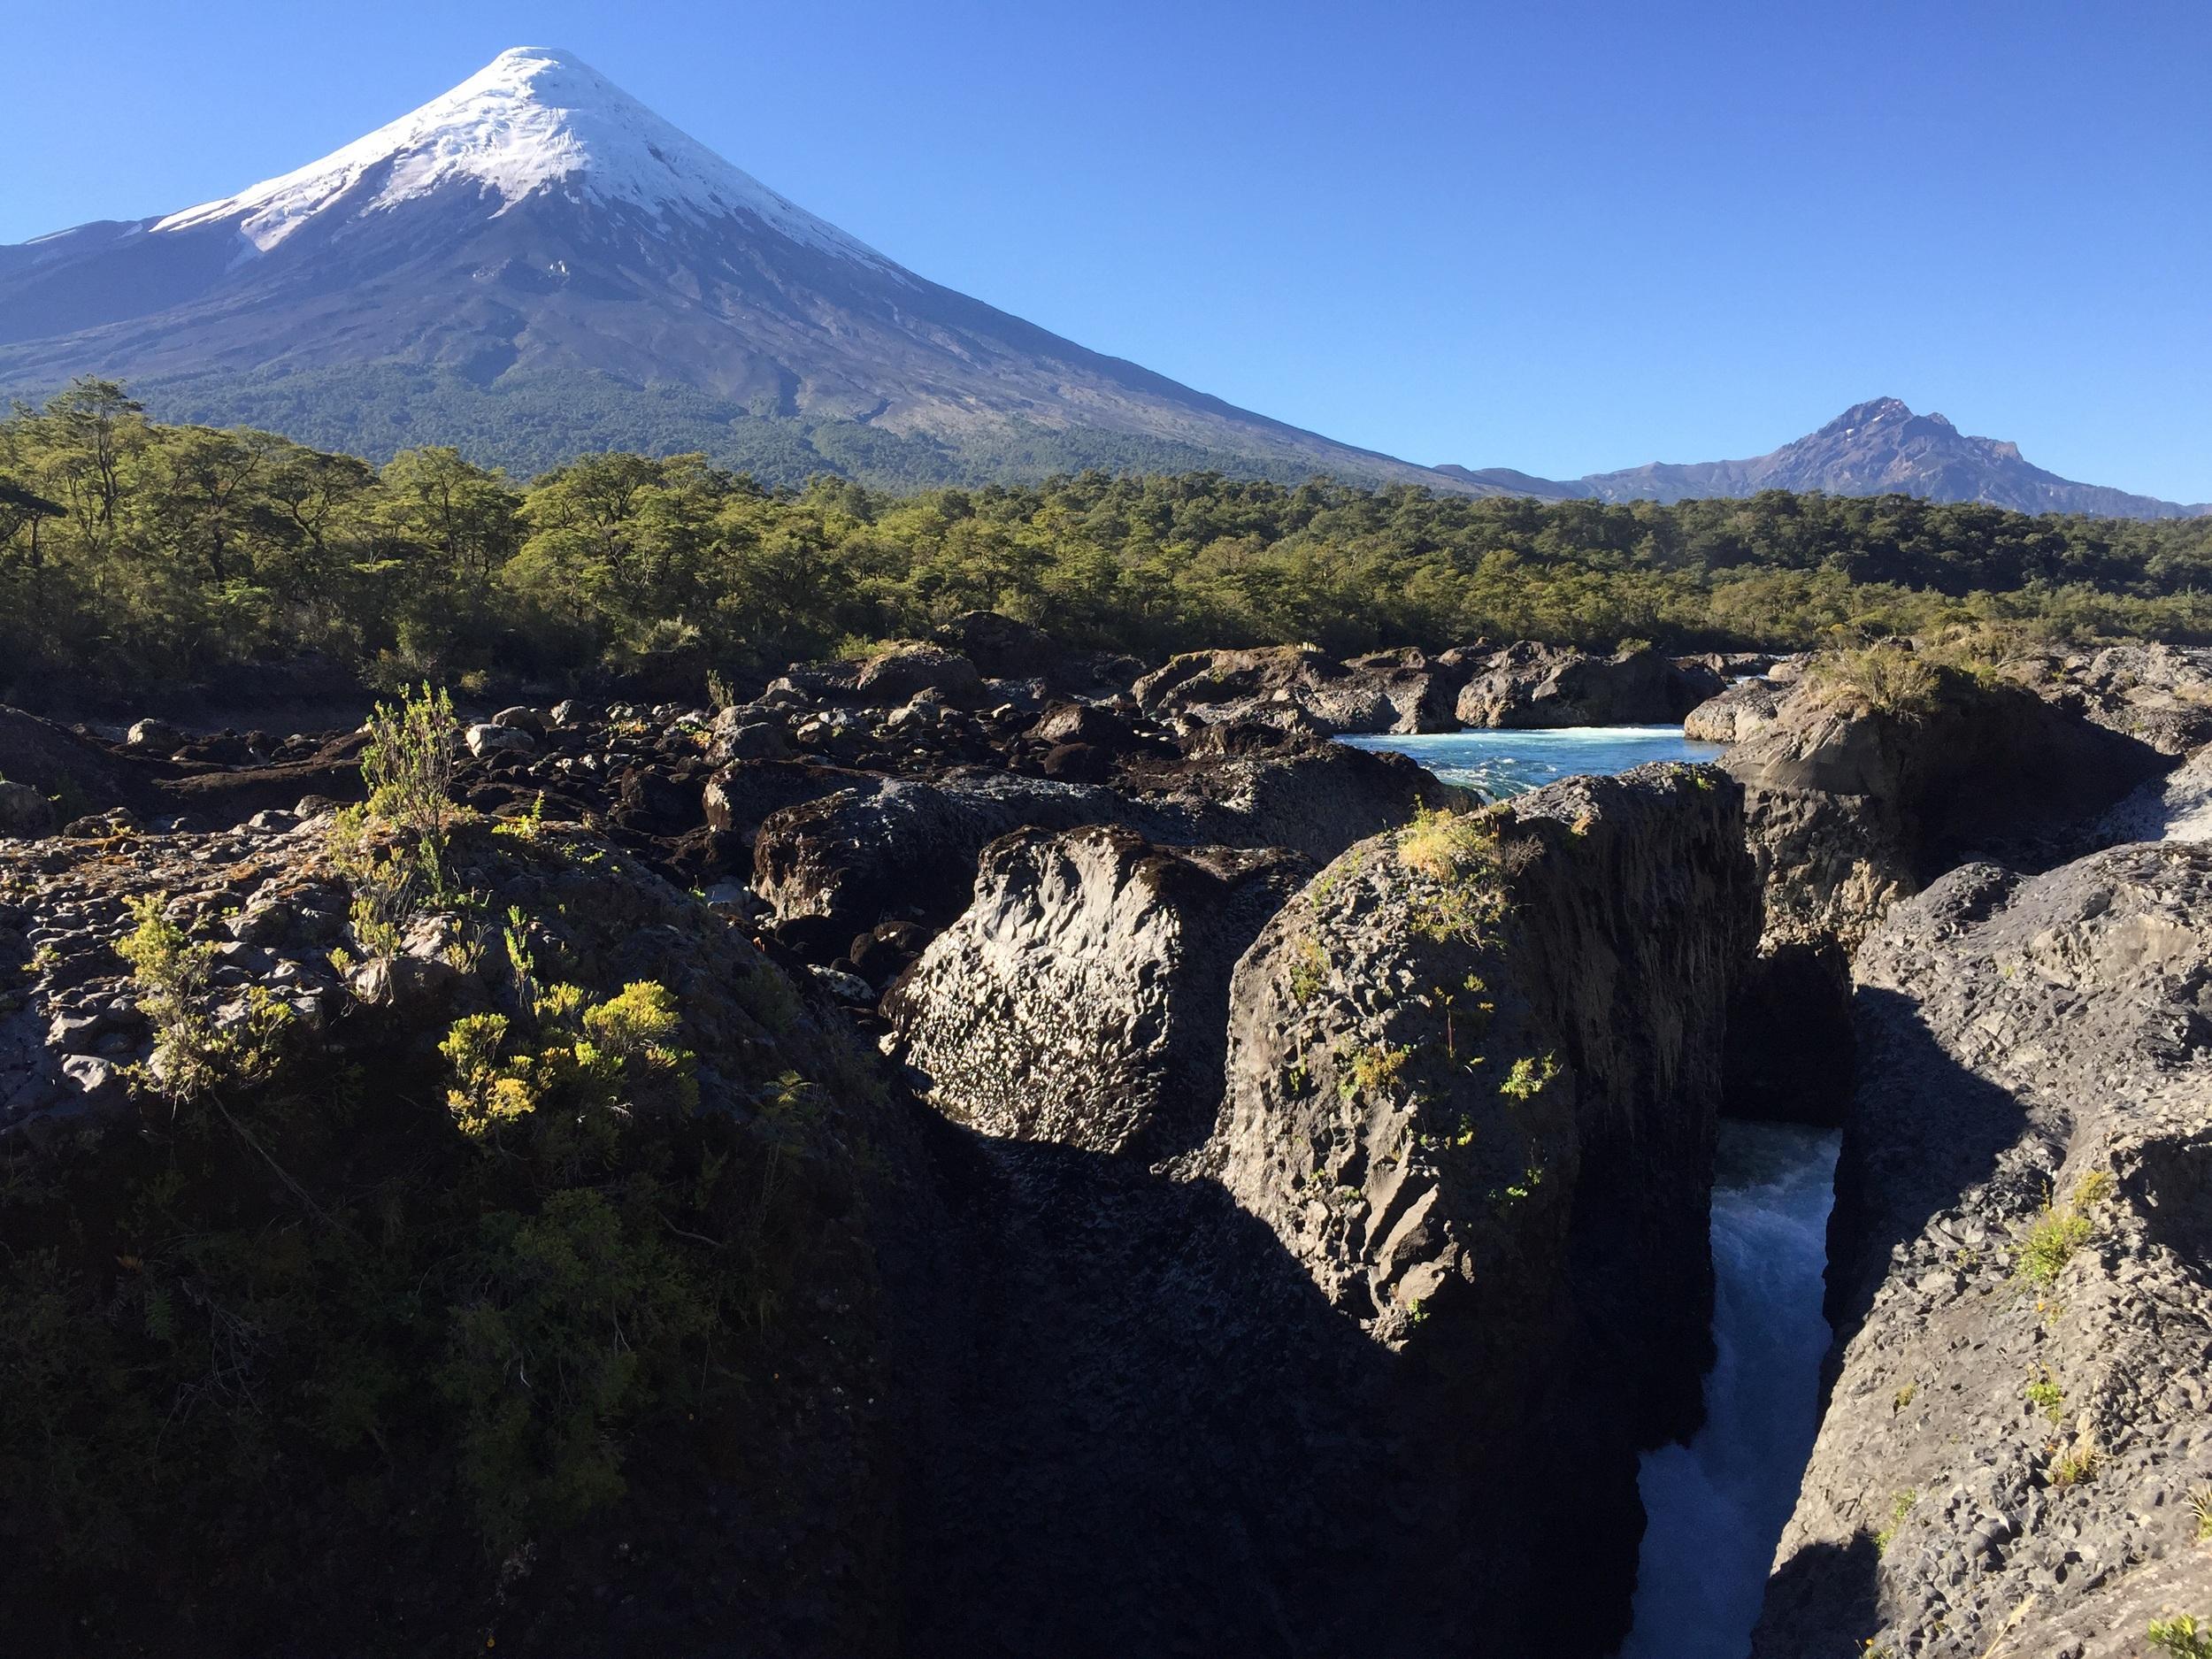 Volcano eruption created waterfall.